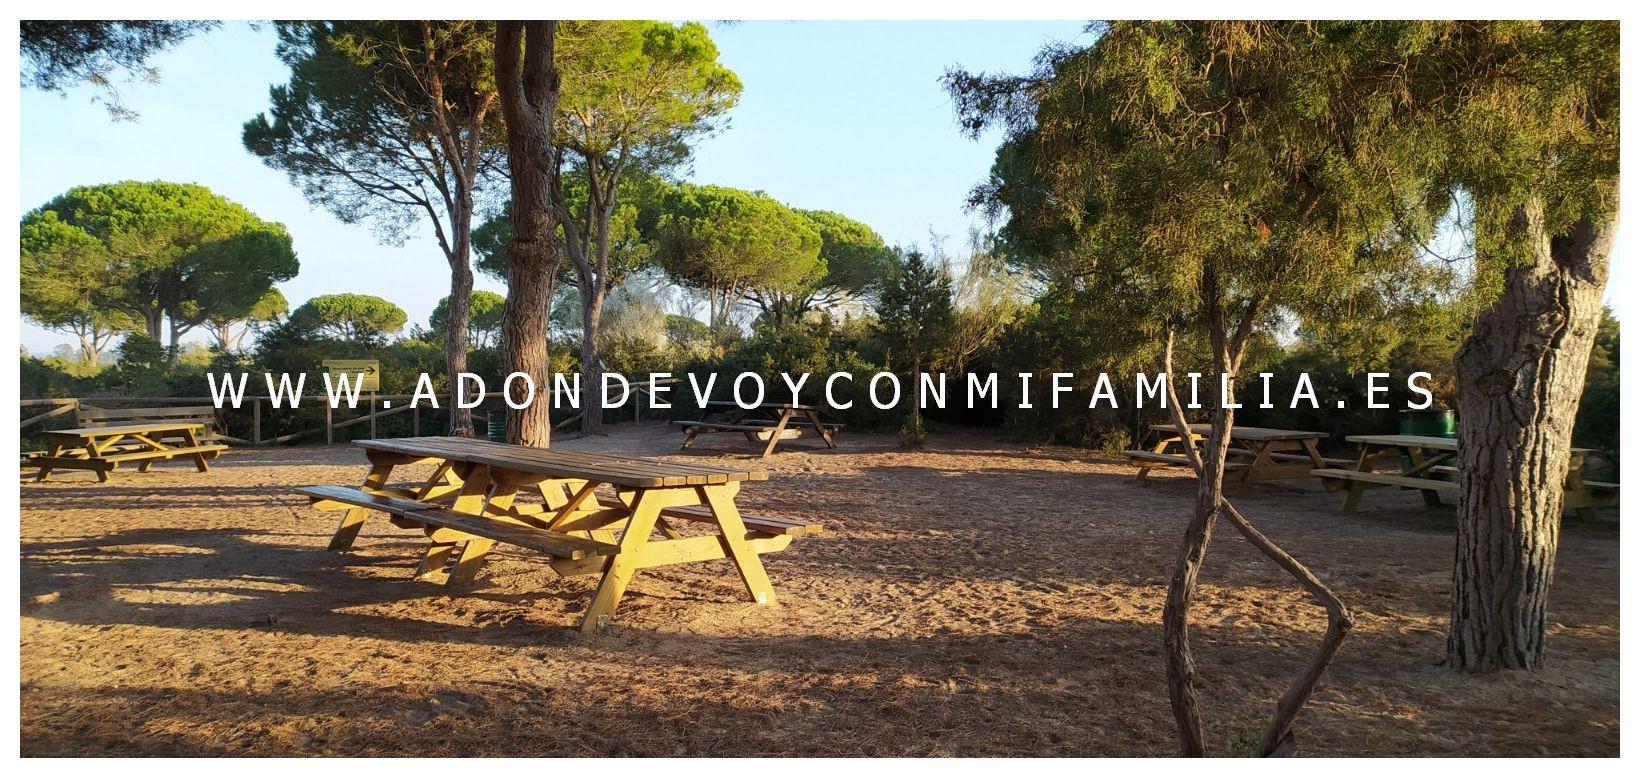 los-torunos-juegos-infantiles-02-adondevoyconmifamilia